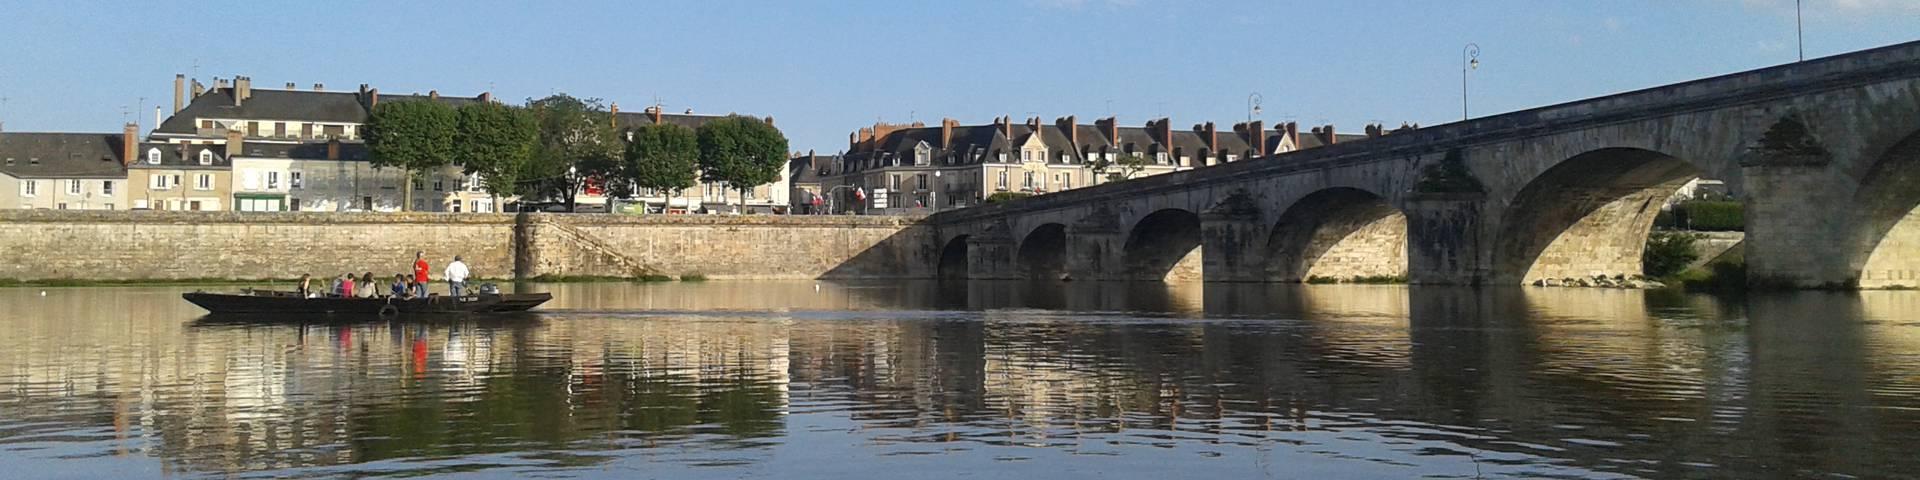 Le fleuve la Loire